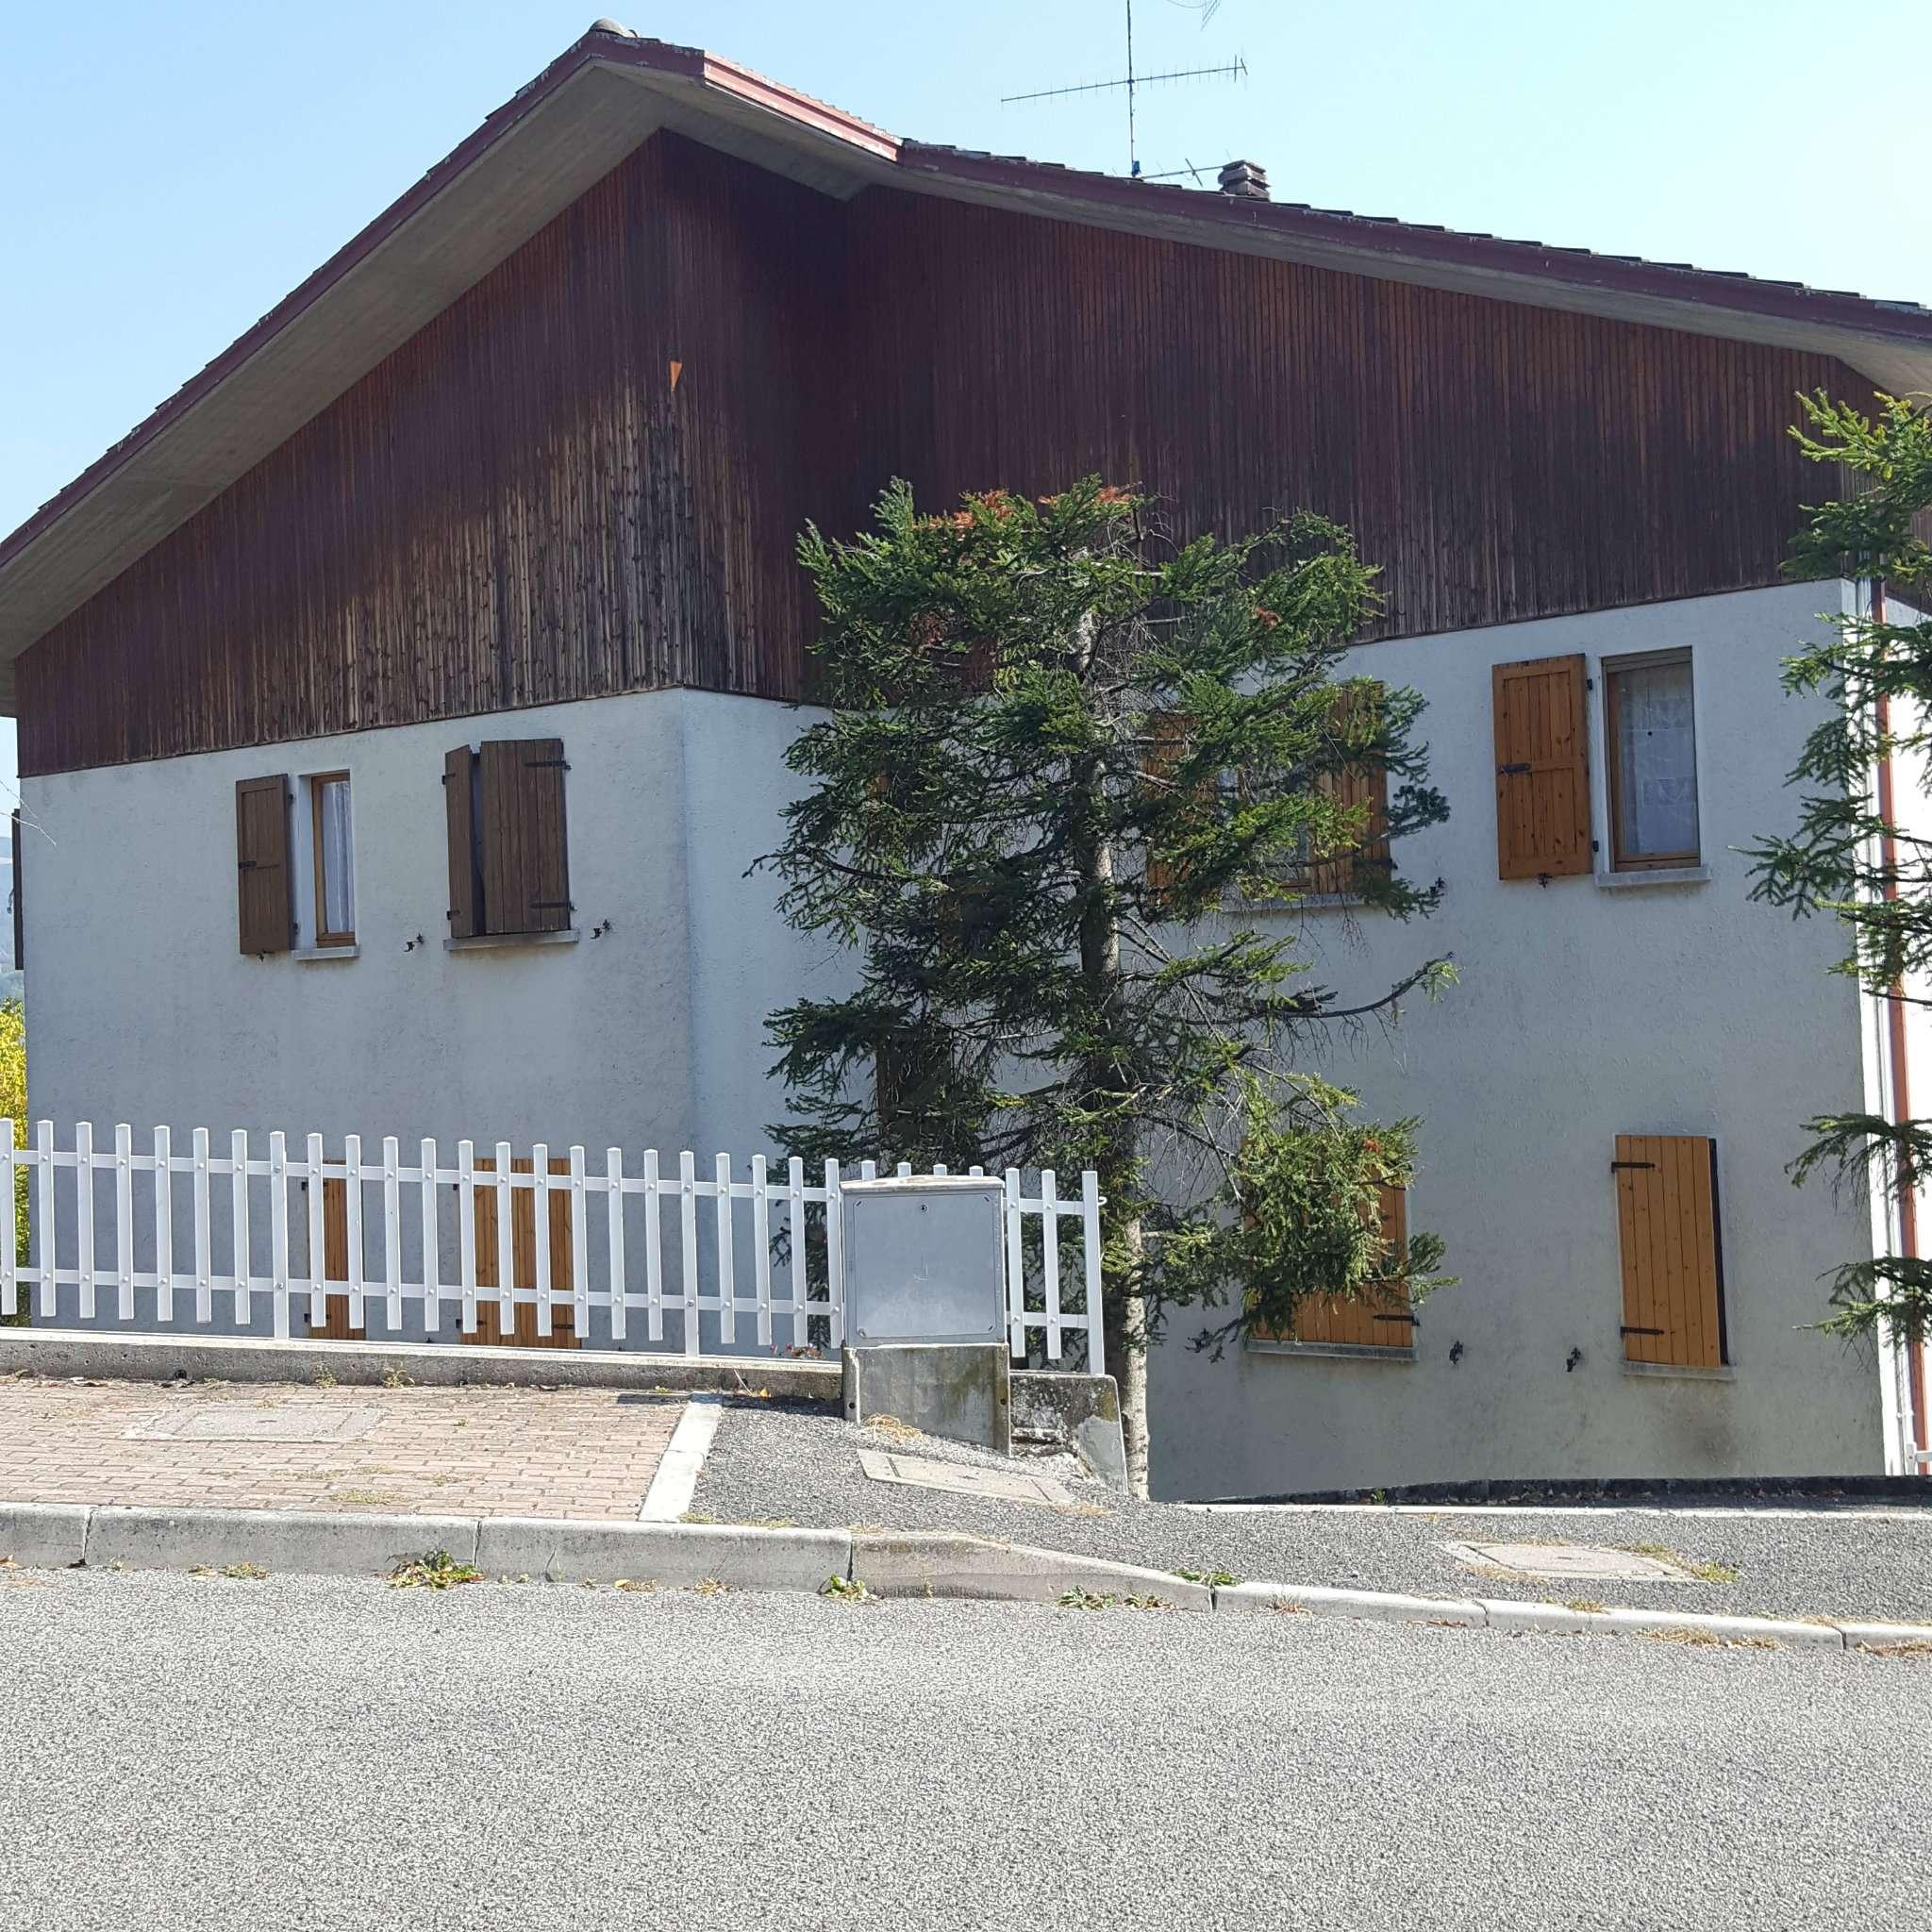 Appartamento in vendita a Bettola, 2 locali, prezzo € 49.000 | PortaleAgenzieImmobiliari.it